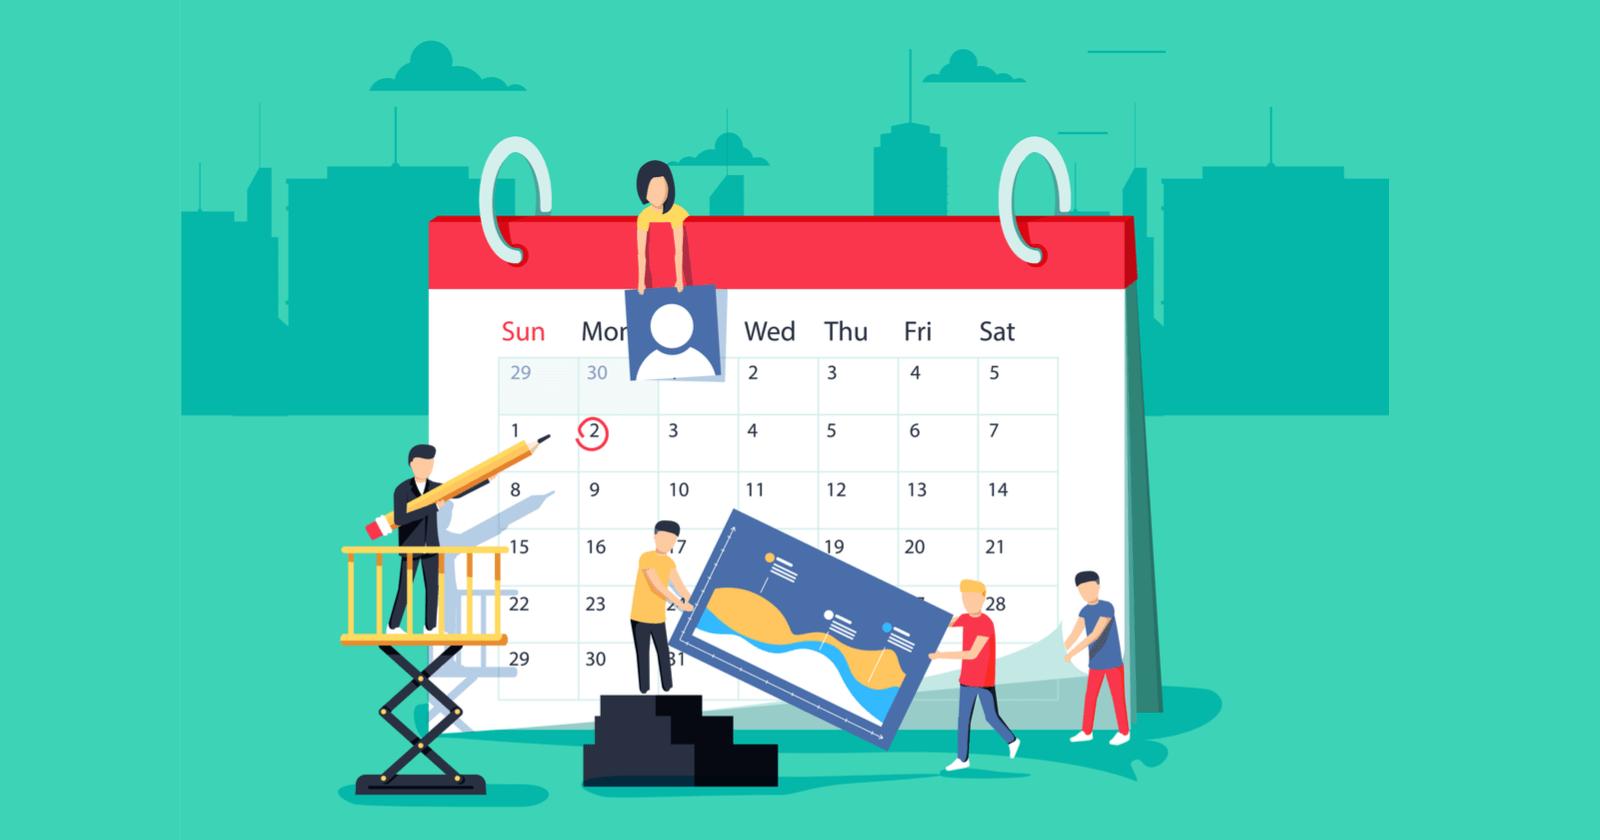 تقویم محتوایی یا تقویم تولید محتوا چیست؟